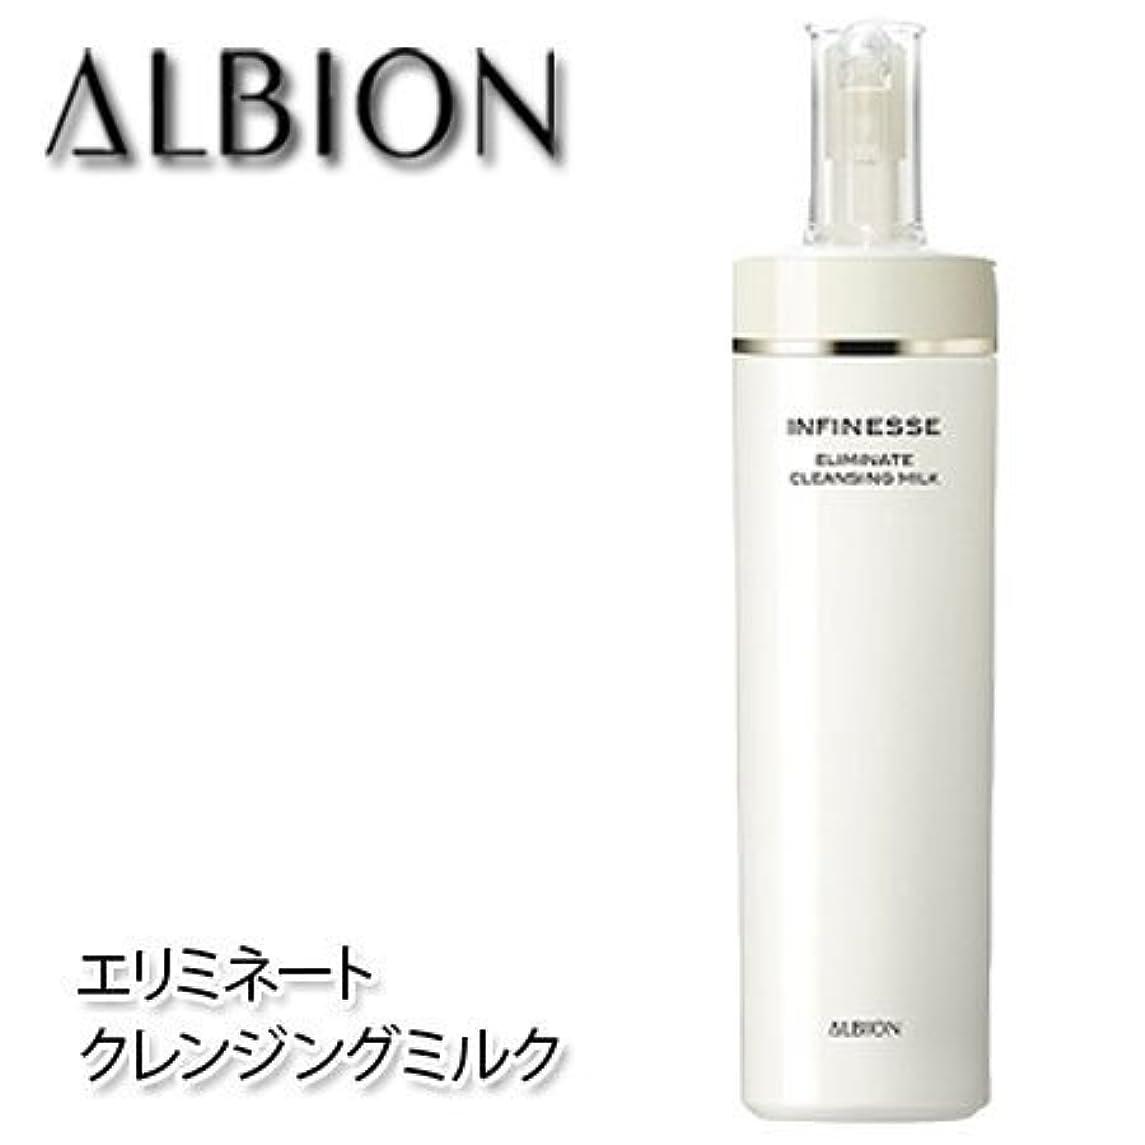 乱れまたね確認してくださいアルビオン アンフィネス エリミネート クレンジングミルク 200g-ALBION-